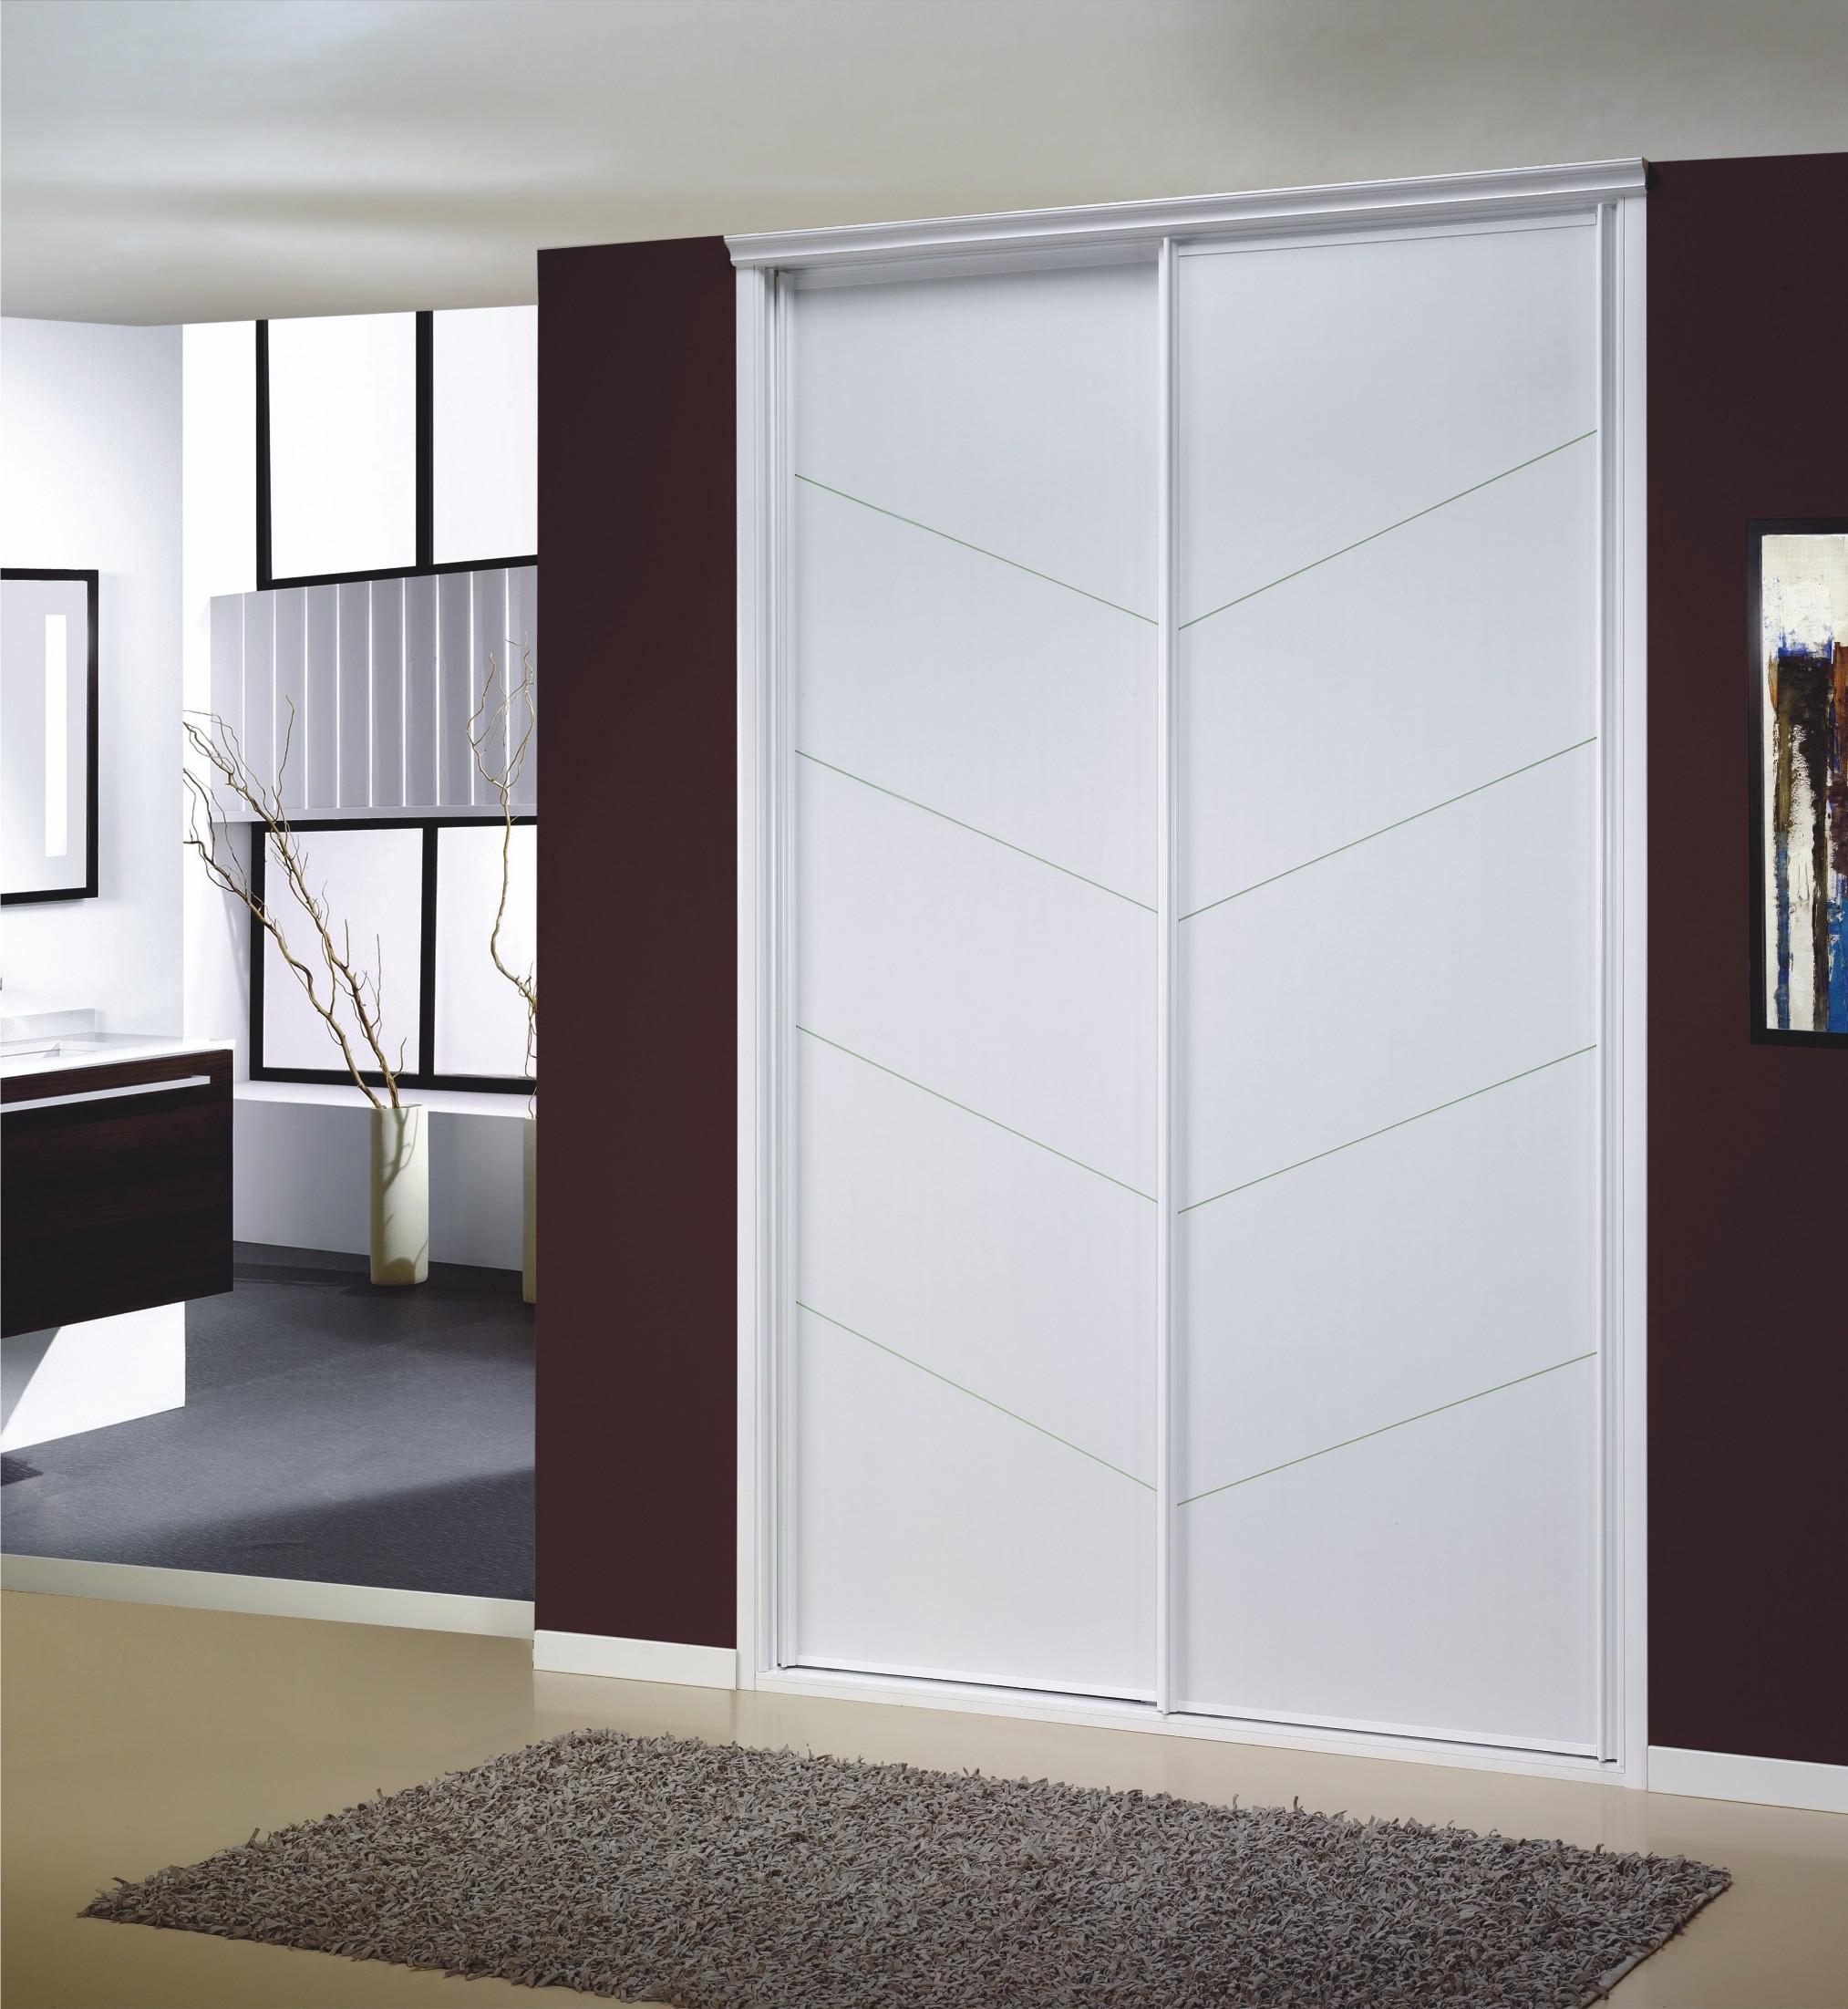 Elige nuestros productos puertas eslavapuertas eslava - Puertas blancas con rayas ...